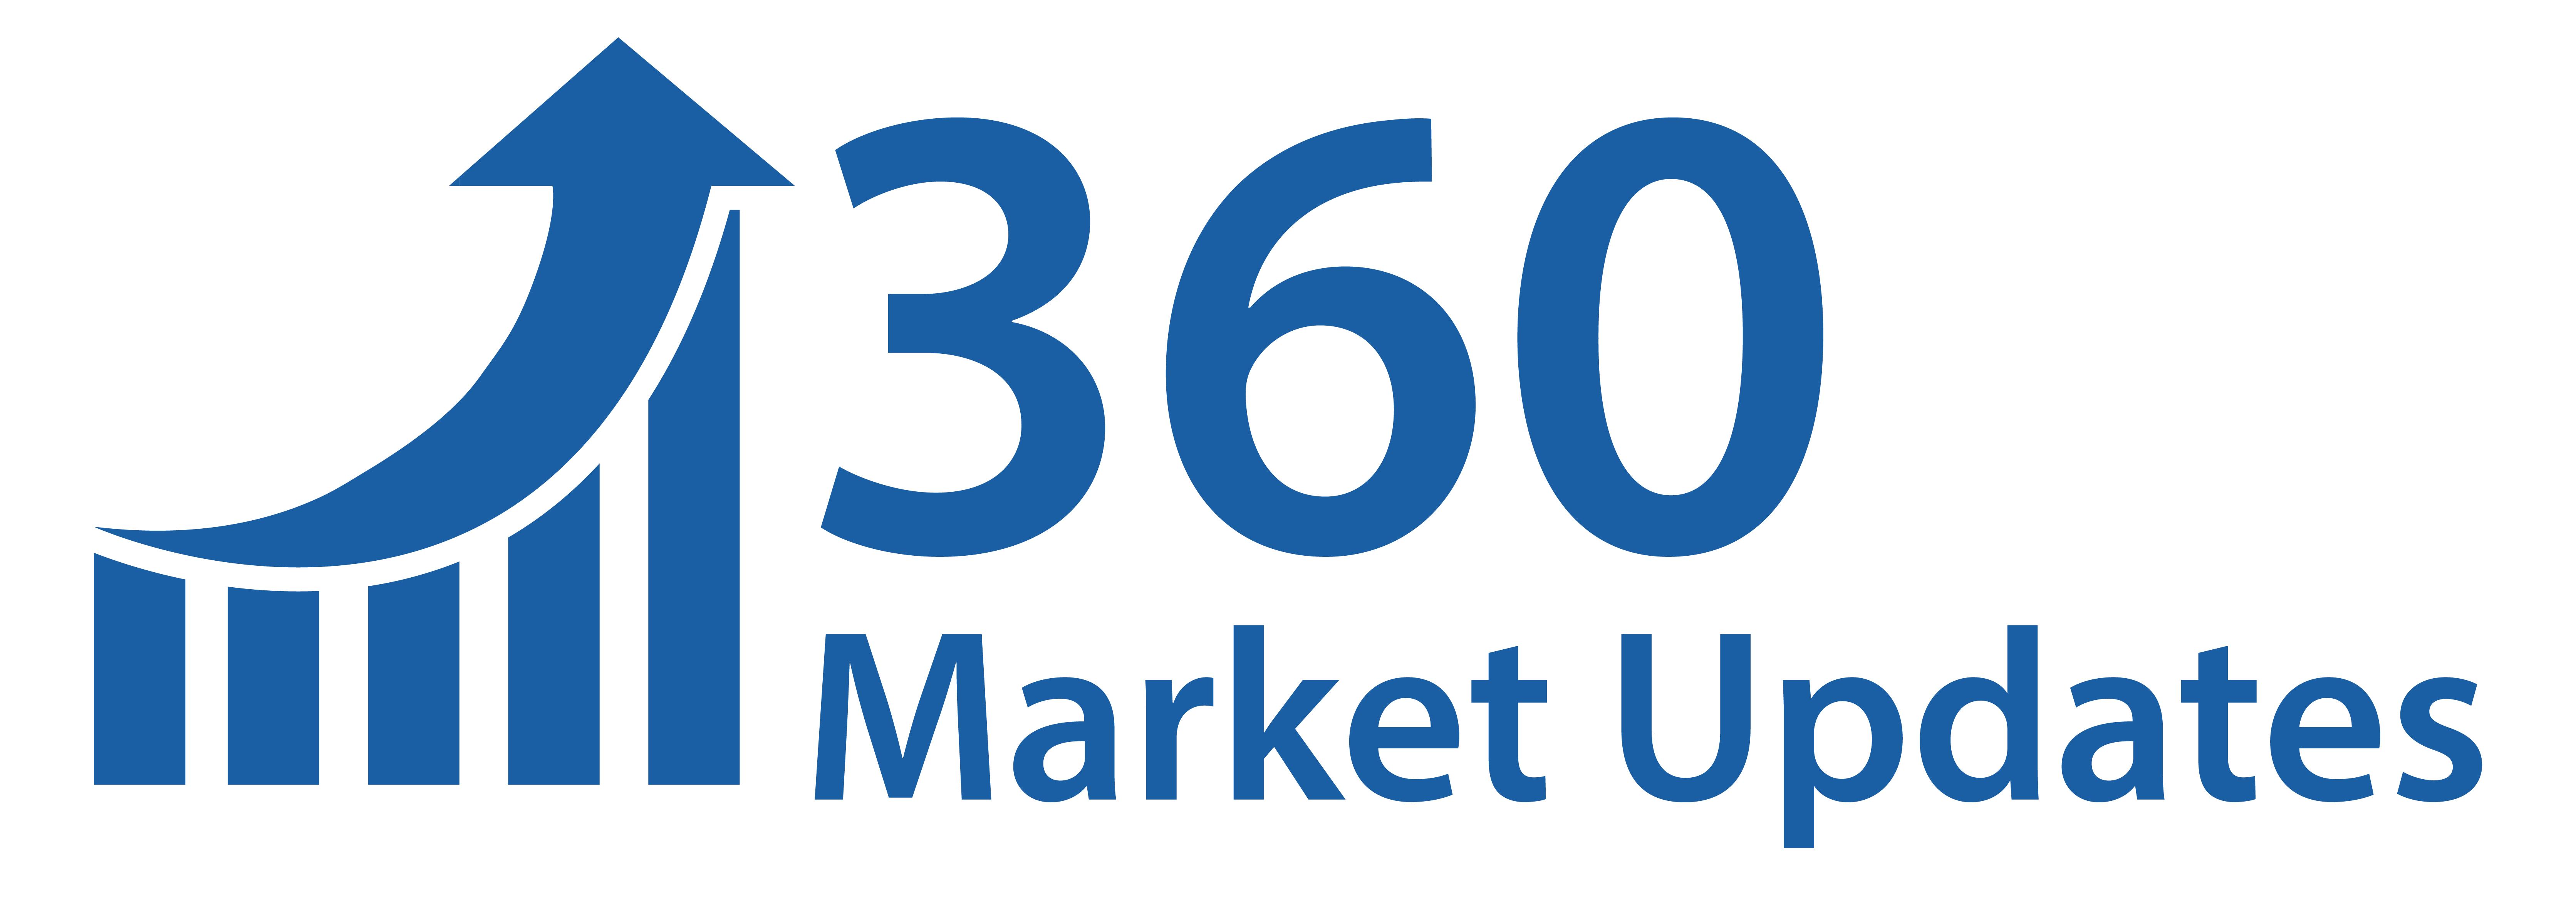 Laringoscopio manejar el mercado 2020 tamaño de la industria, tendencias futuras, factores clave de crecimiento, demanda, acciones de negocio, ventas e ingresos, jugadores de fabricación, aplicación, alcance, y análisis de oportunidades por Outlook – 2025